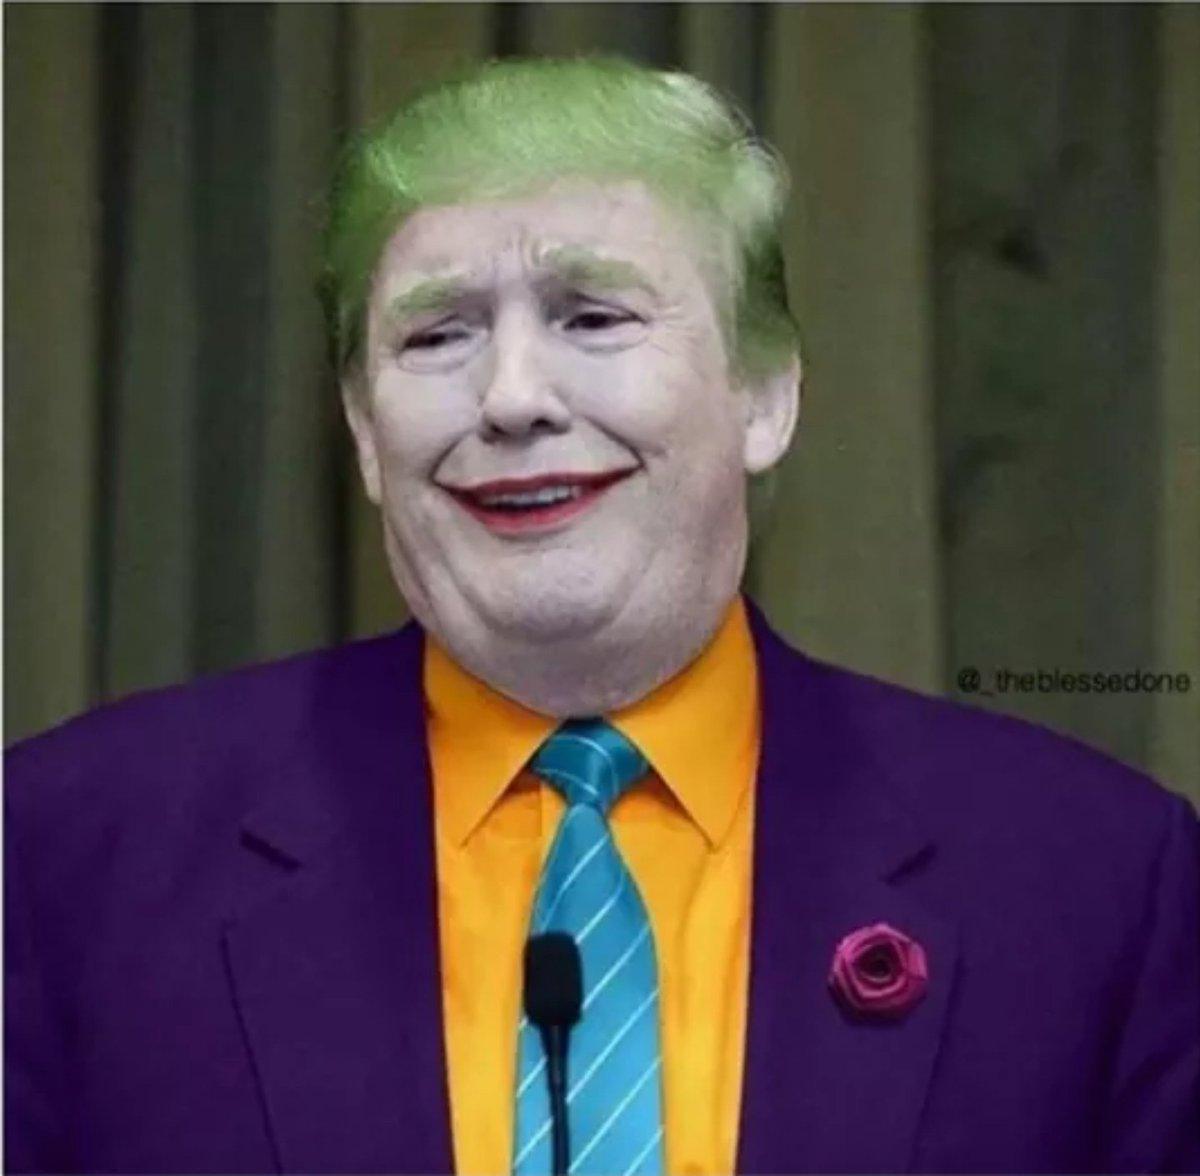 #DonaldTrump Found a new job !!! 😂  #JoeBiden #JoeBidenInauguration #Biden #BidenHarrisInauguration #AmericaOrTrump